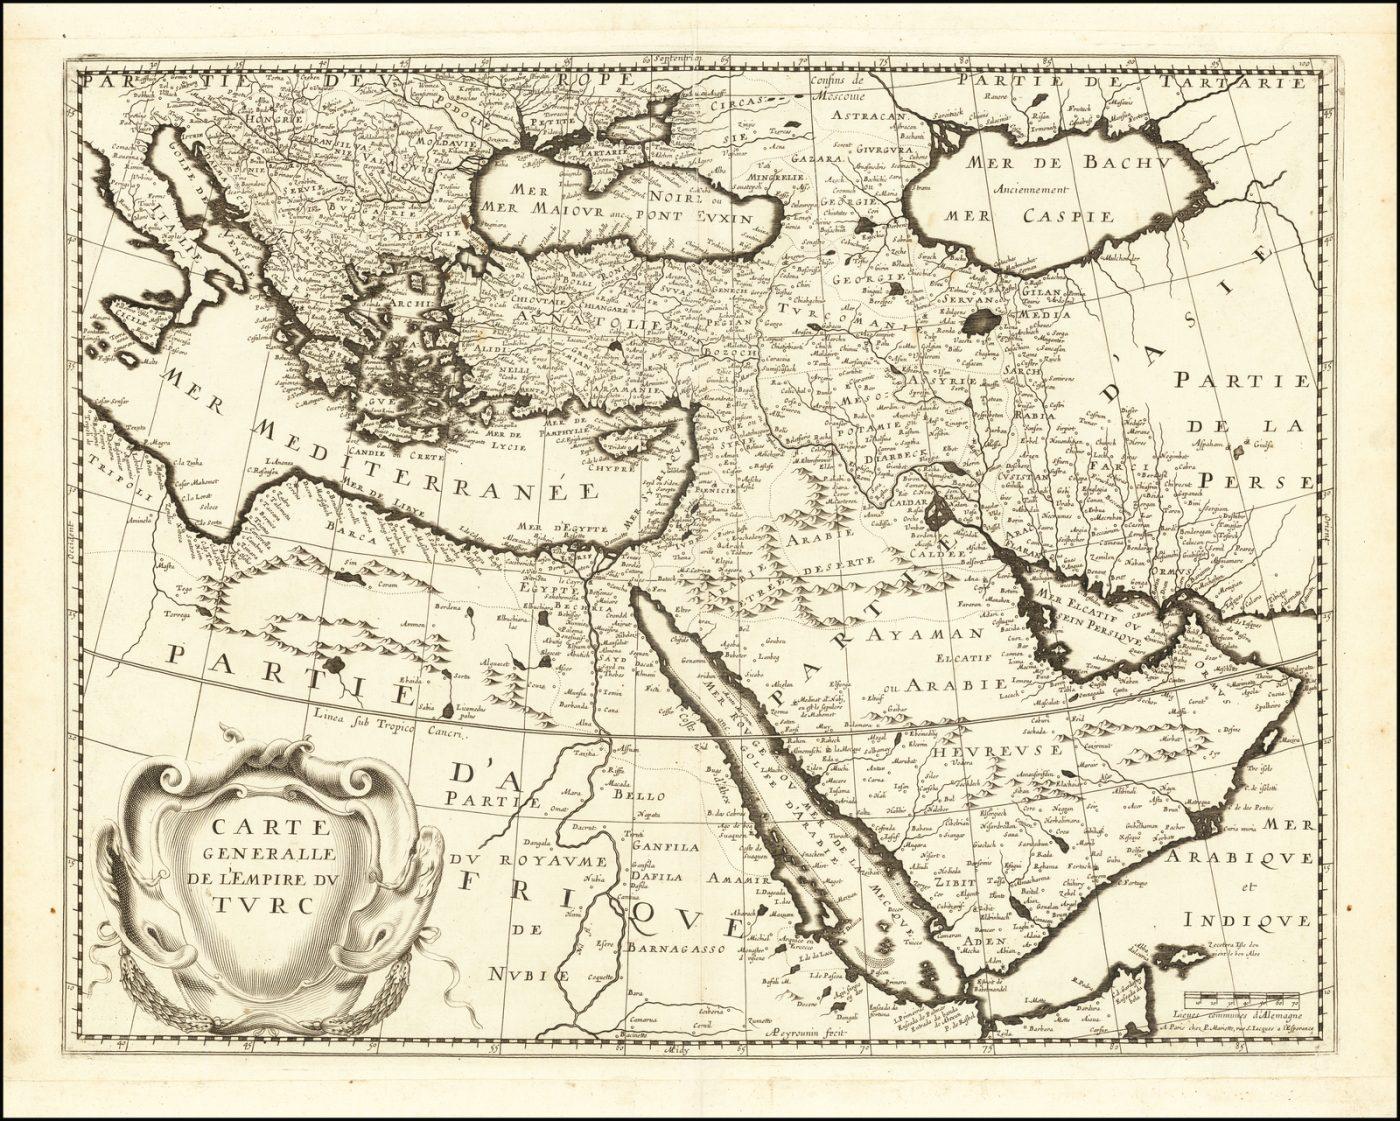 Редкая ранняя французская карта Турецкой империи, основанная на голландских картах Блау и Хондиуса